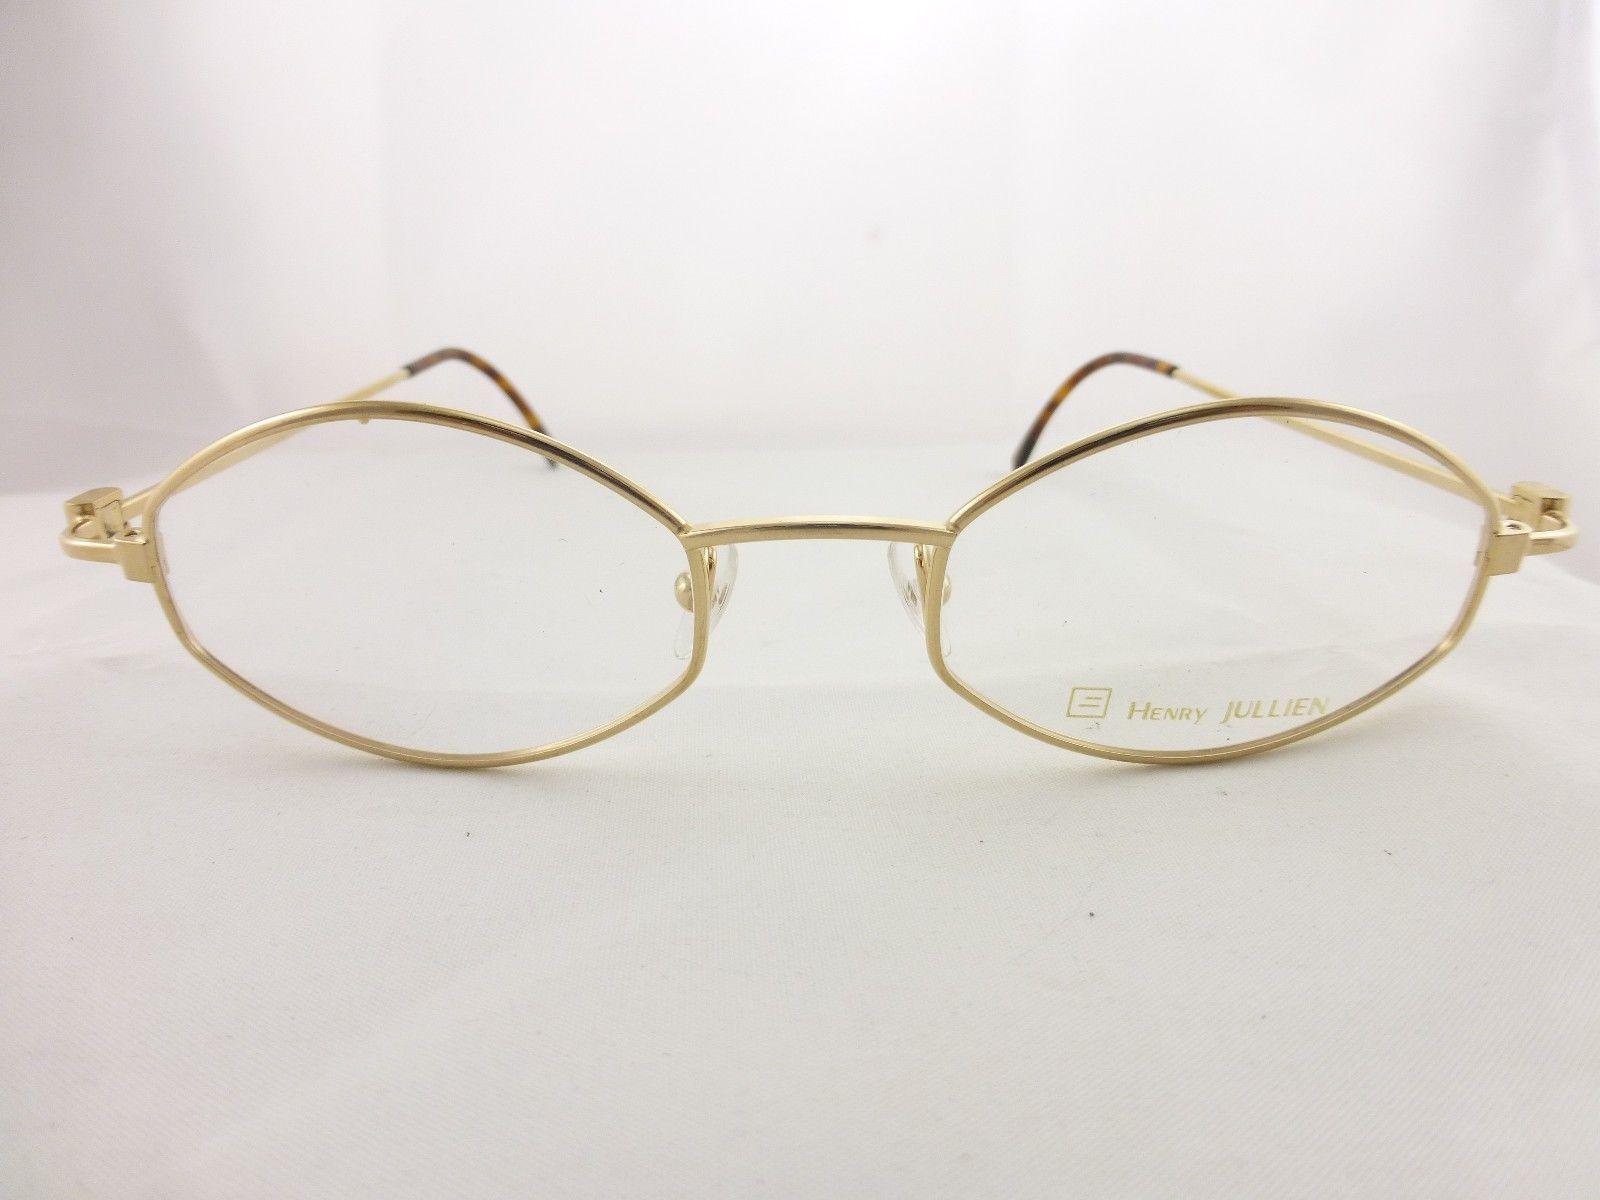 Glasses Frame Made In France : Authentic Henry Jullien eyeglasses Gold frame, Made in ...